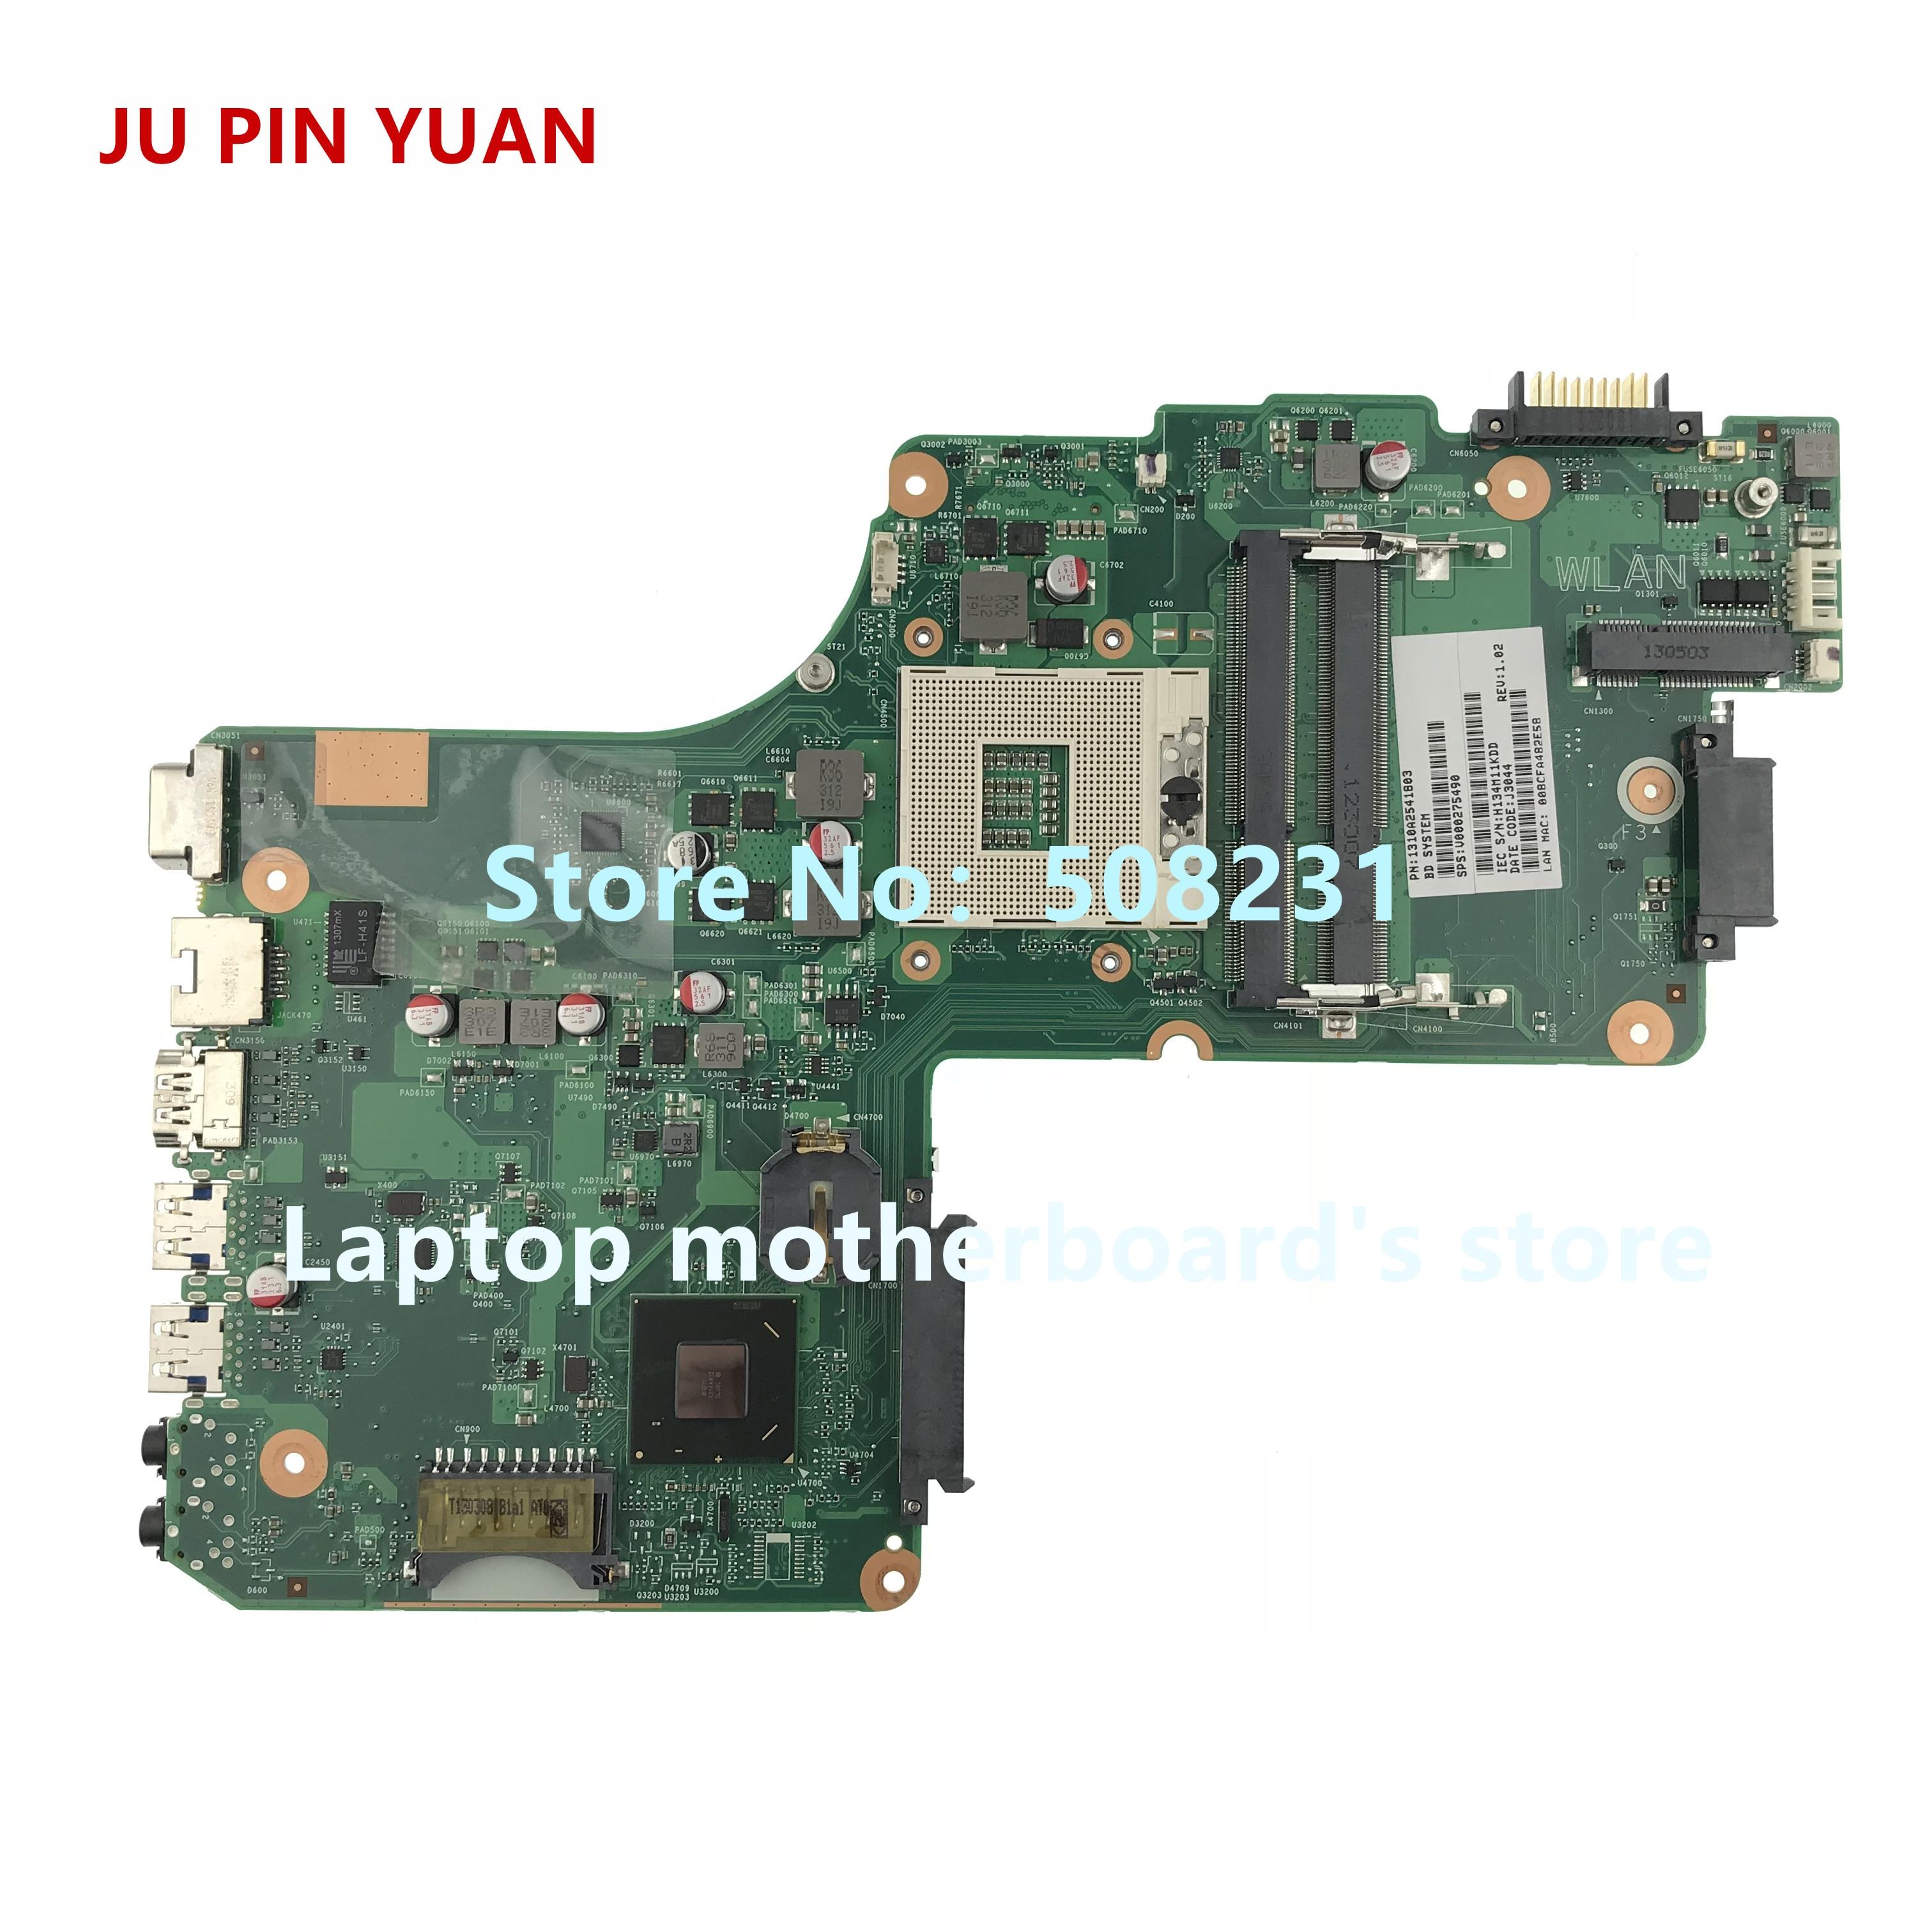 JU PIN YUAN V000275490 اللوحة الأم لأجهزة الكمبيوتر المحمول توشيبا الأقمار الصناعية L855 DK10F-6050A2541801-MB-A02 اختبارها بالكامل